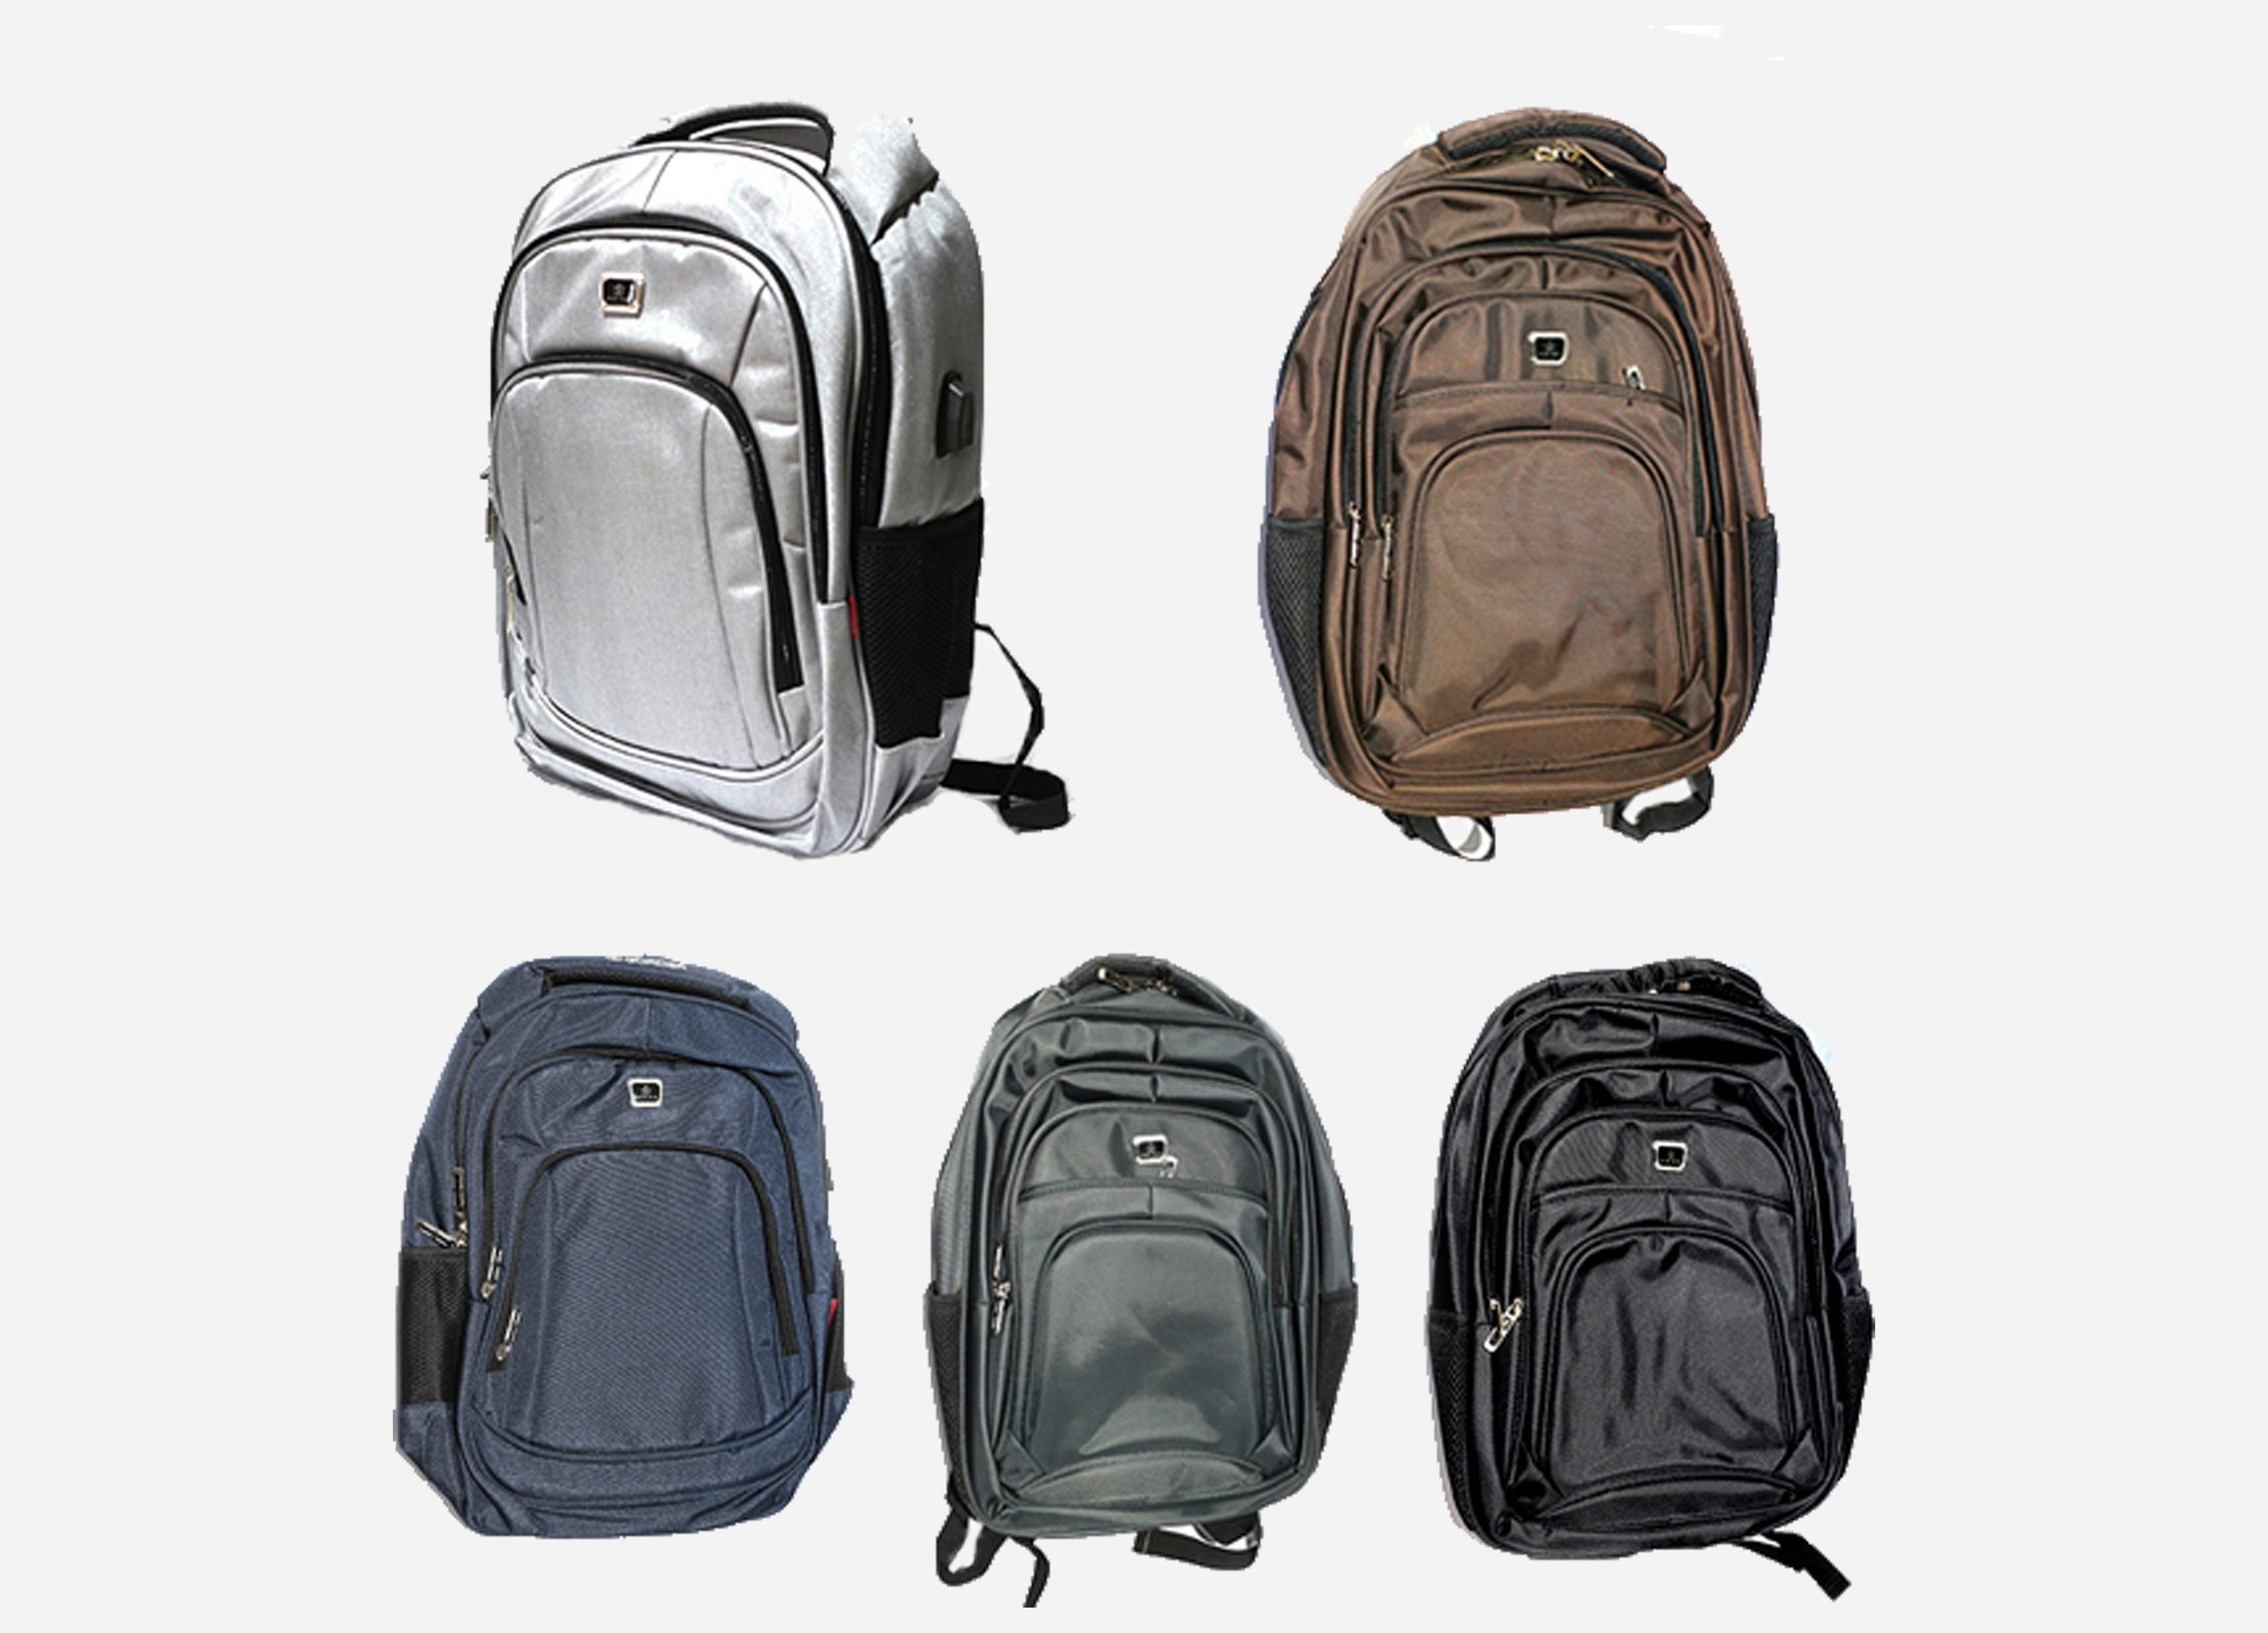 GORDER Back Bag